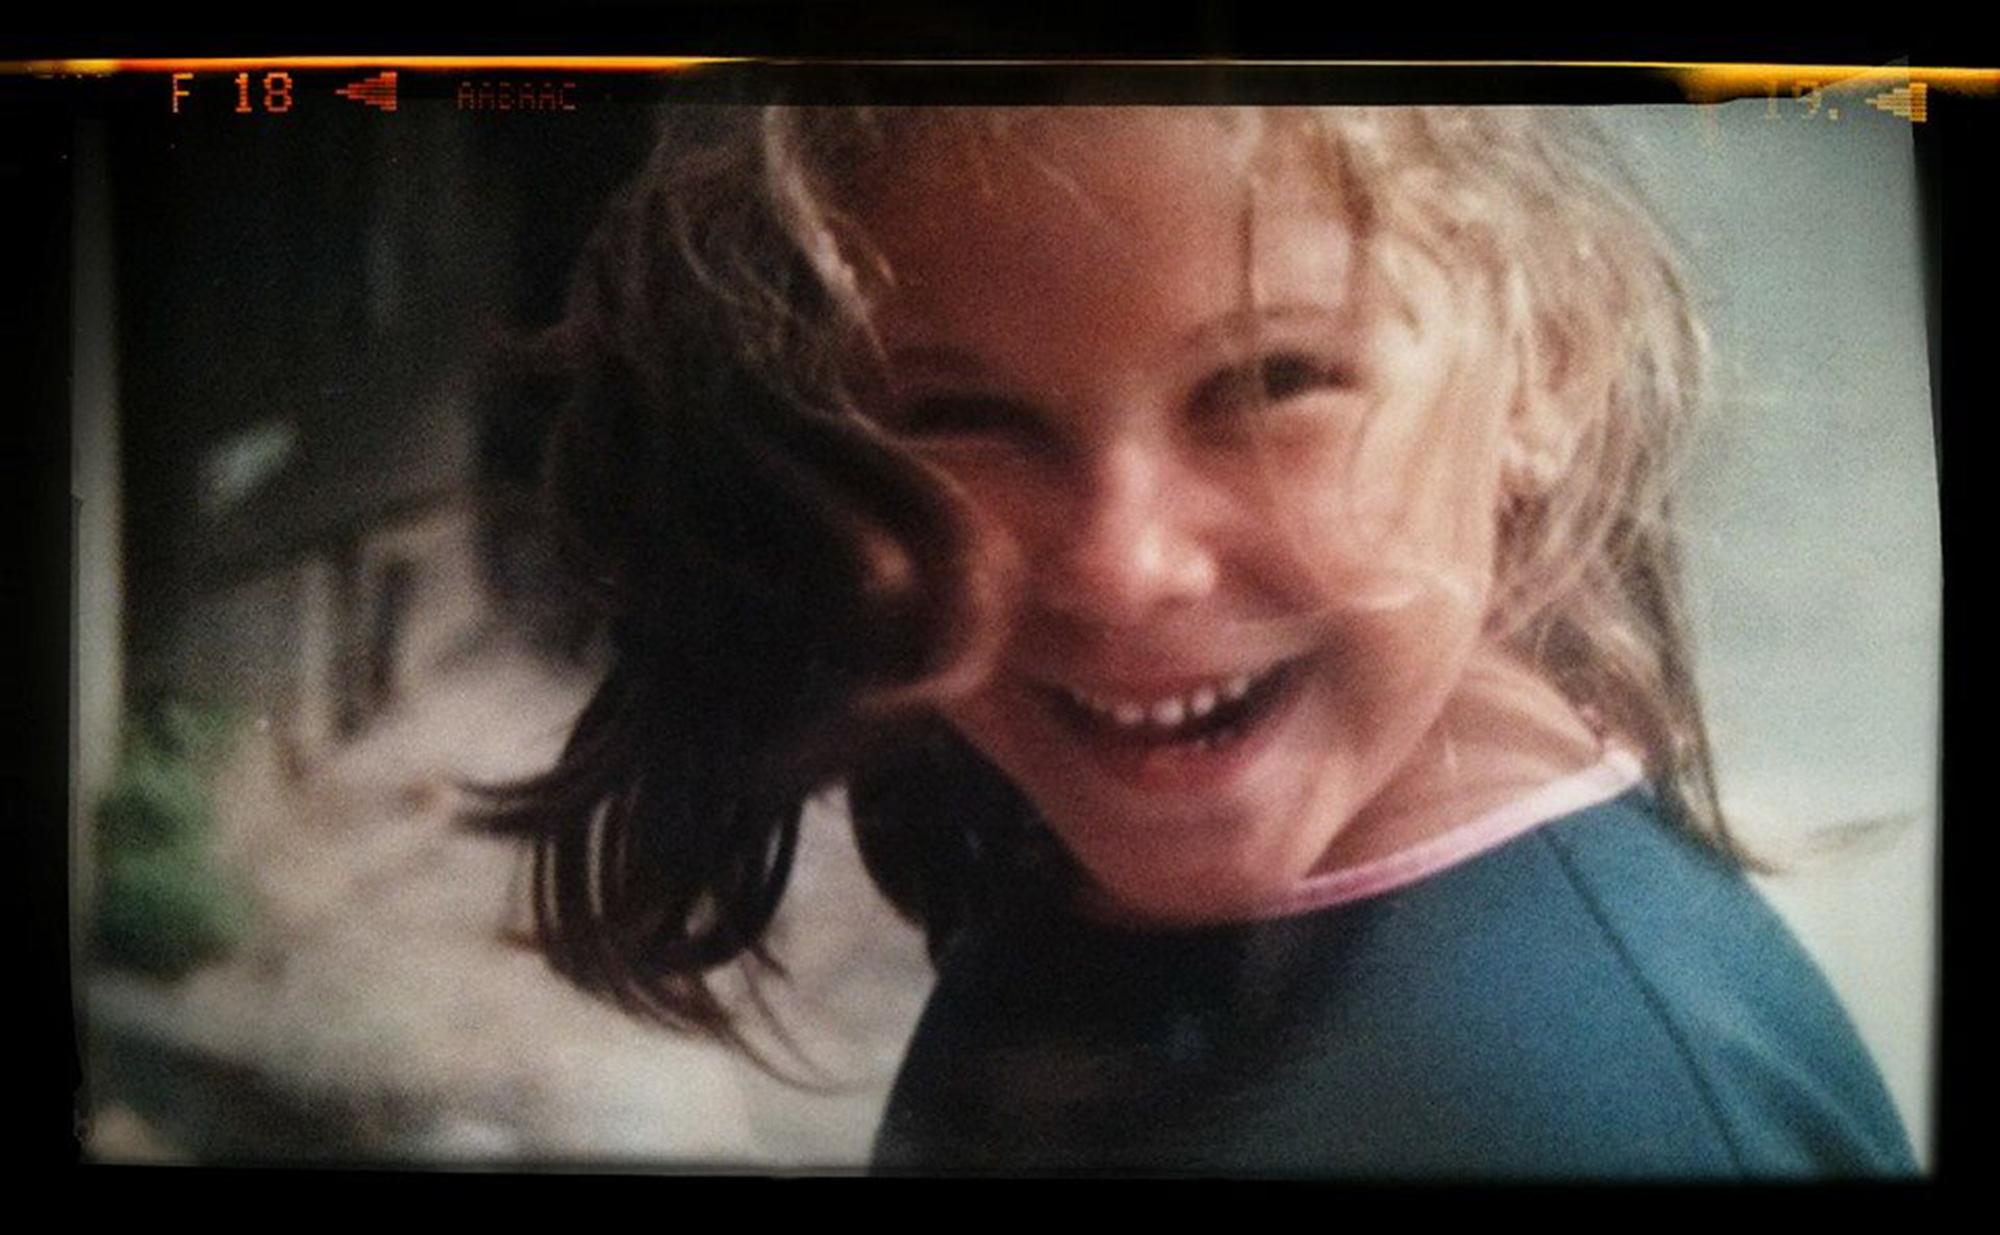 01. Xudit Casas 5 años_Biografía extendida